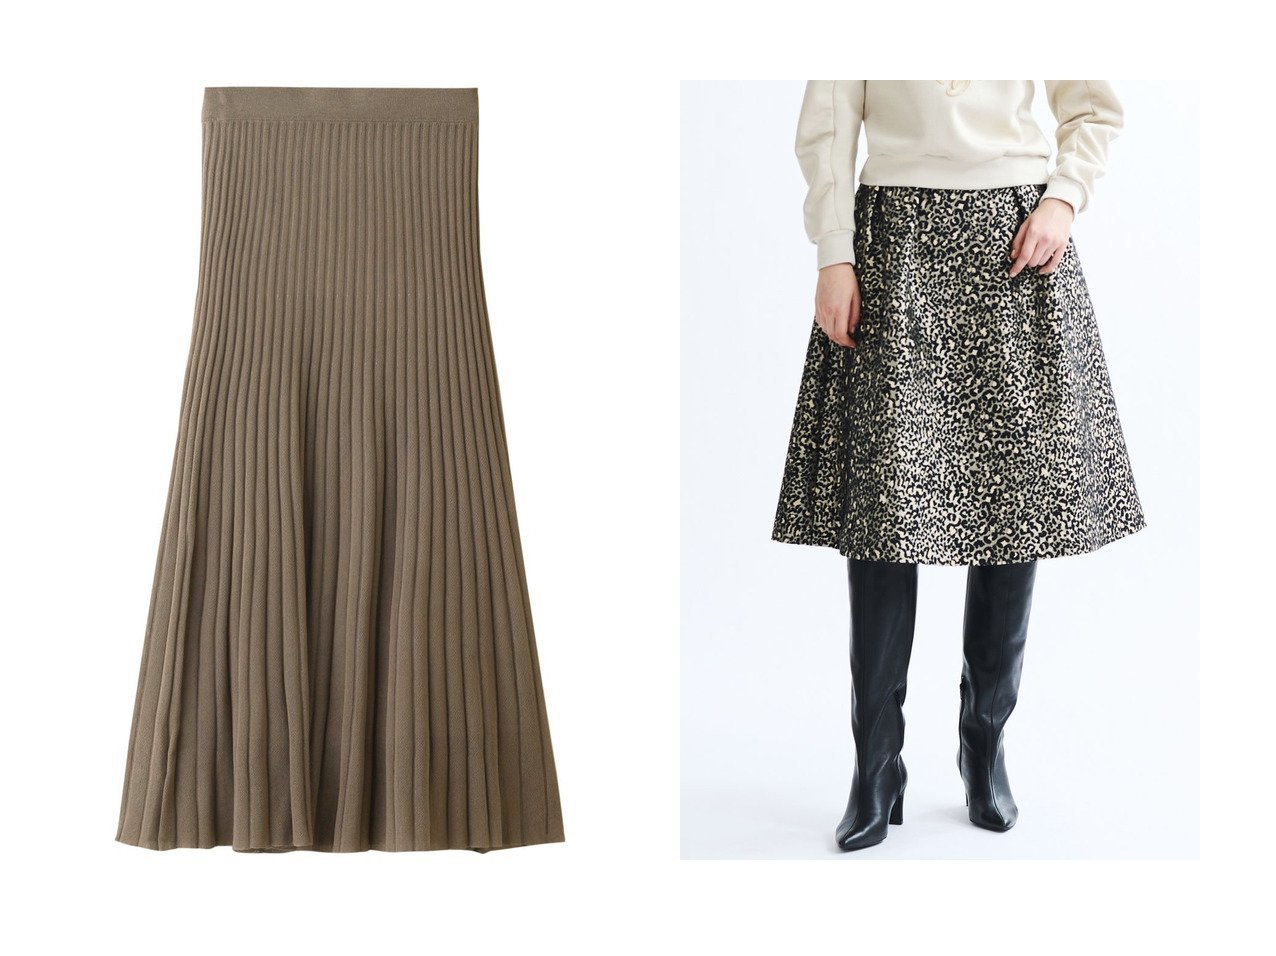 【three dots/スリー ドッツ】のバンピーセーター ロングスカート&【LANVIN en Bleu/ランバン オン ブルー】のレオパードジャカードタックスカート 【スカート】おすすめ!人気、トレンド・レディースファッションの通販 おすすめで人気の流行・トレンド、ファッションの通販商品 インテリア・家具・メンズファッション・キッズファッション・レディースファッション・服の通販 founy(ファニー) https://founy.com/ ファッション Fashion レディースファッション WOMEN スカート Skirt ロングスカート Long Skirt 2020年 2020 2020-2021秋冬・A/W AW・Autumn/Winter・FW・Fall-Winter/2020-2021 2021年 2021 2021-2022秋冬・A/W AW・Autumn/Winter・FW・Fall-Winter・2021-2022 A/W・秋冬 AW・Autumn/Winter・FW・Fall-Winter おすすめ Recommend シアー シンプル セットアップ フレア ロング |ID:crp329100000067681